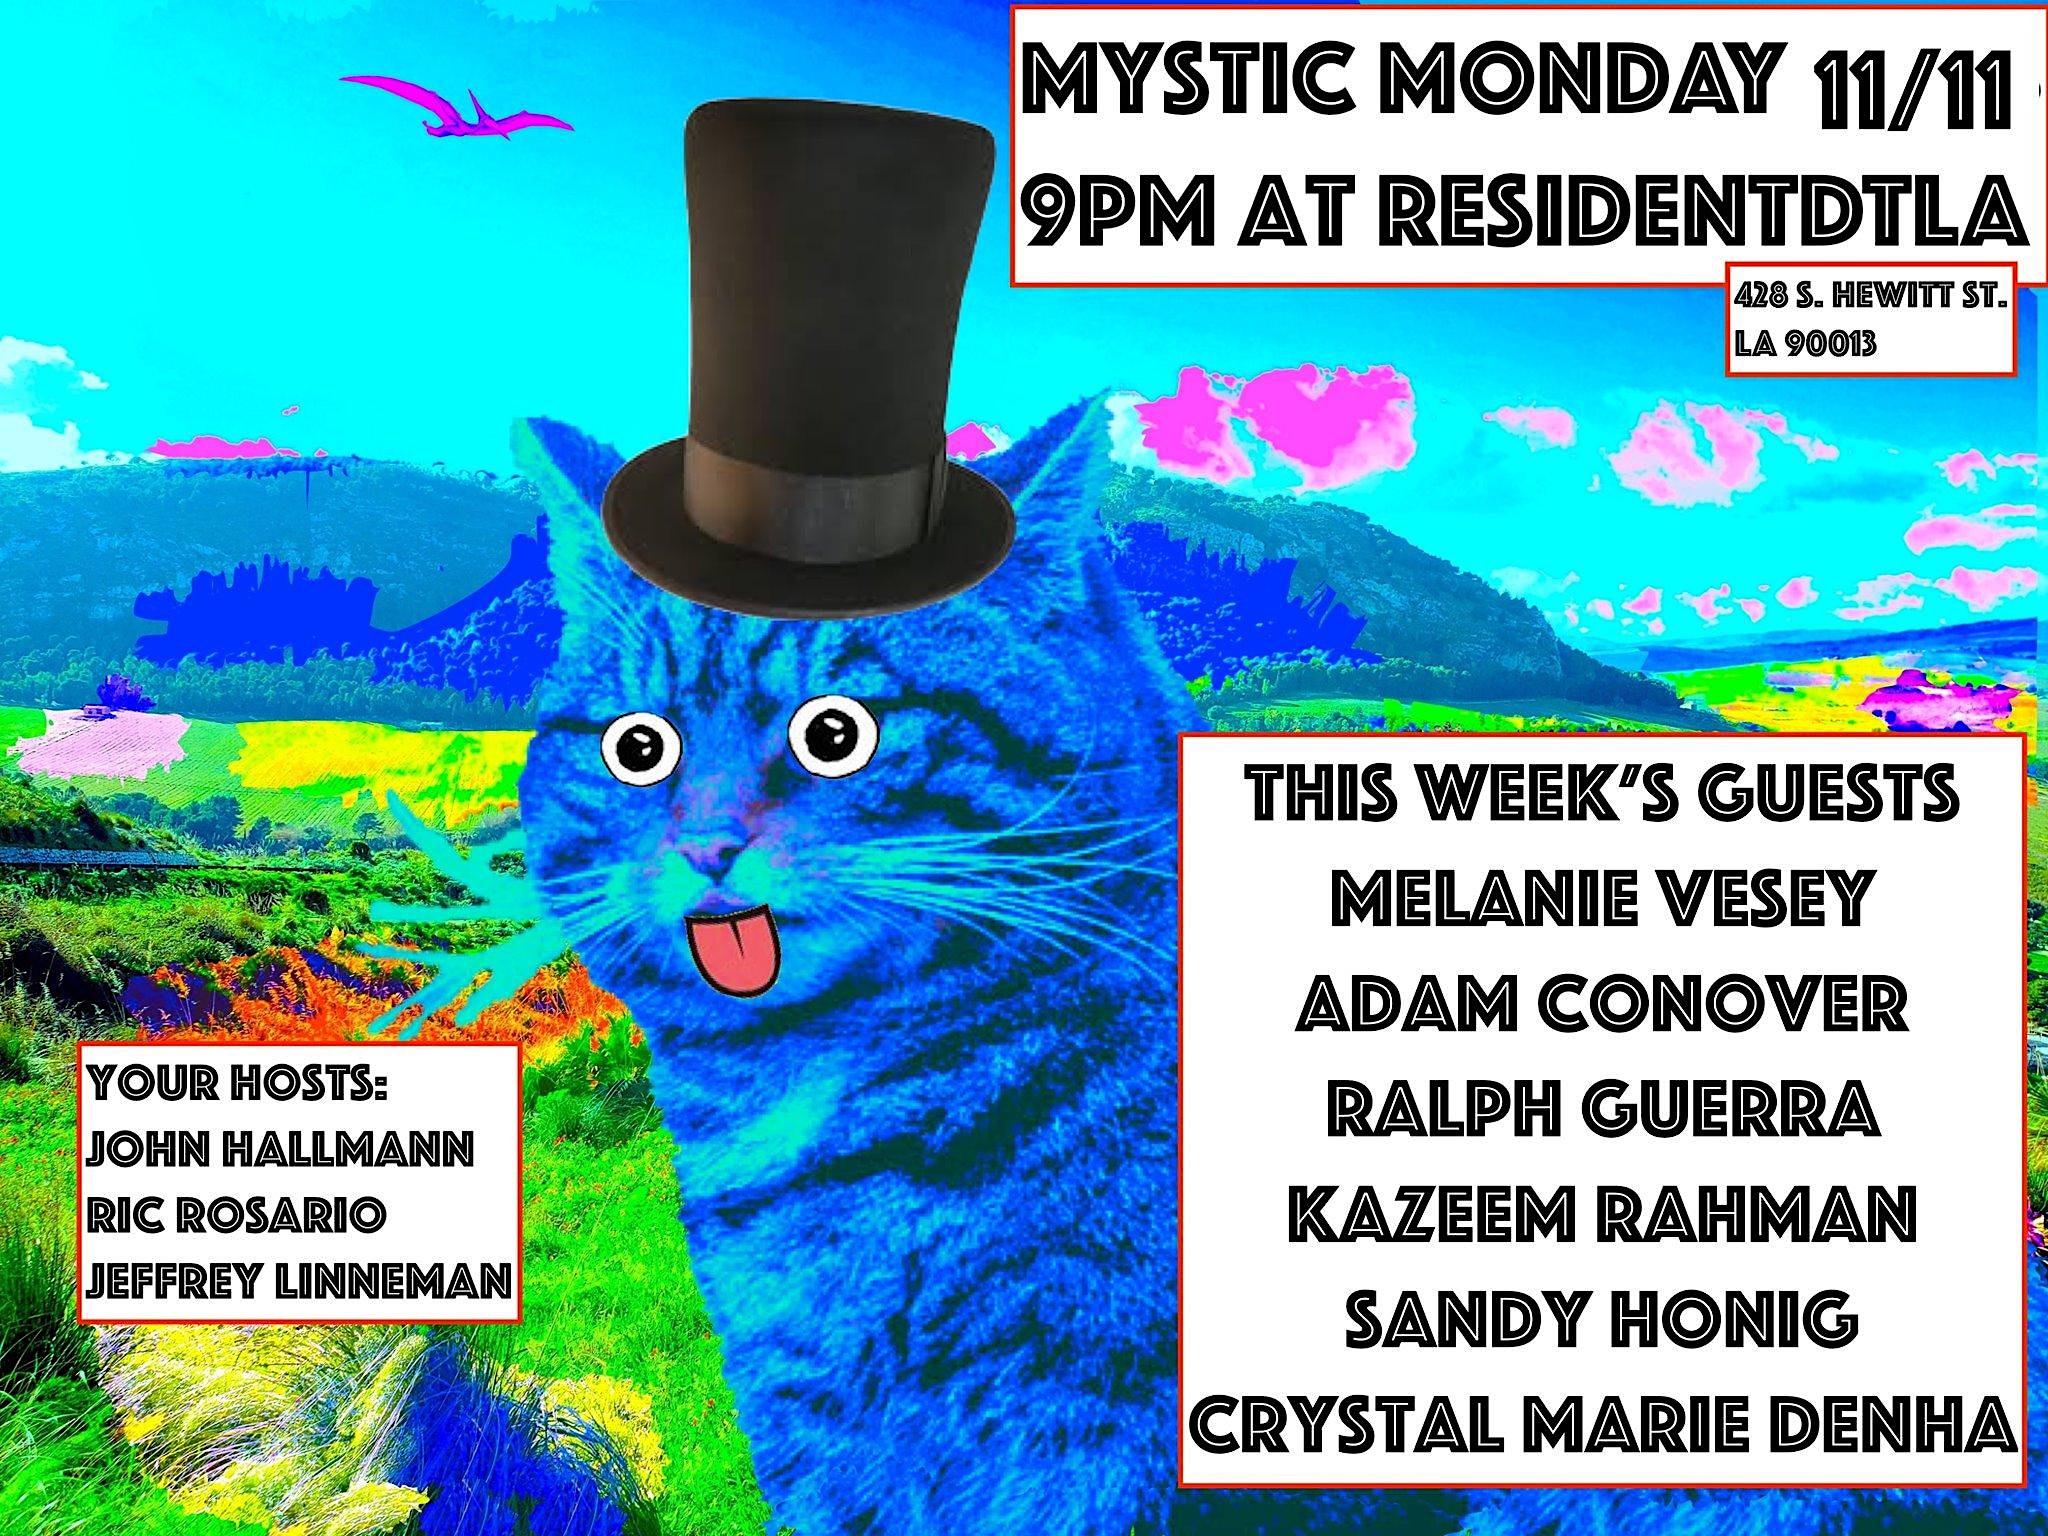 Mystic Monday w/ Adam Conover!